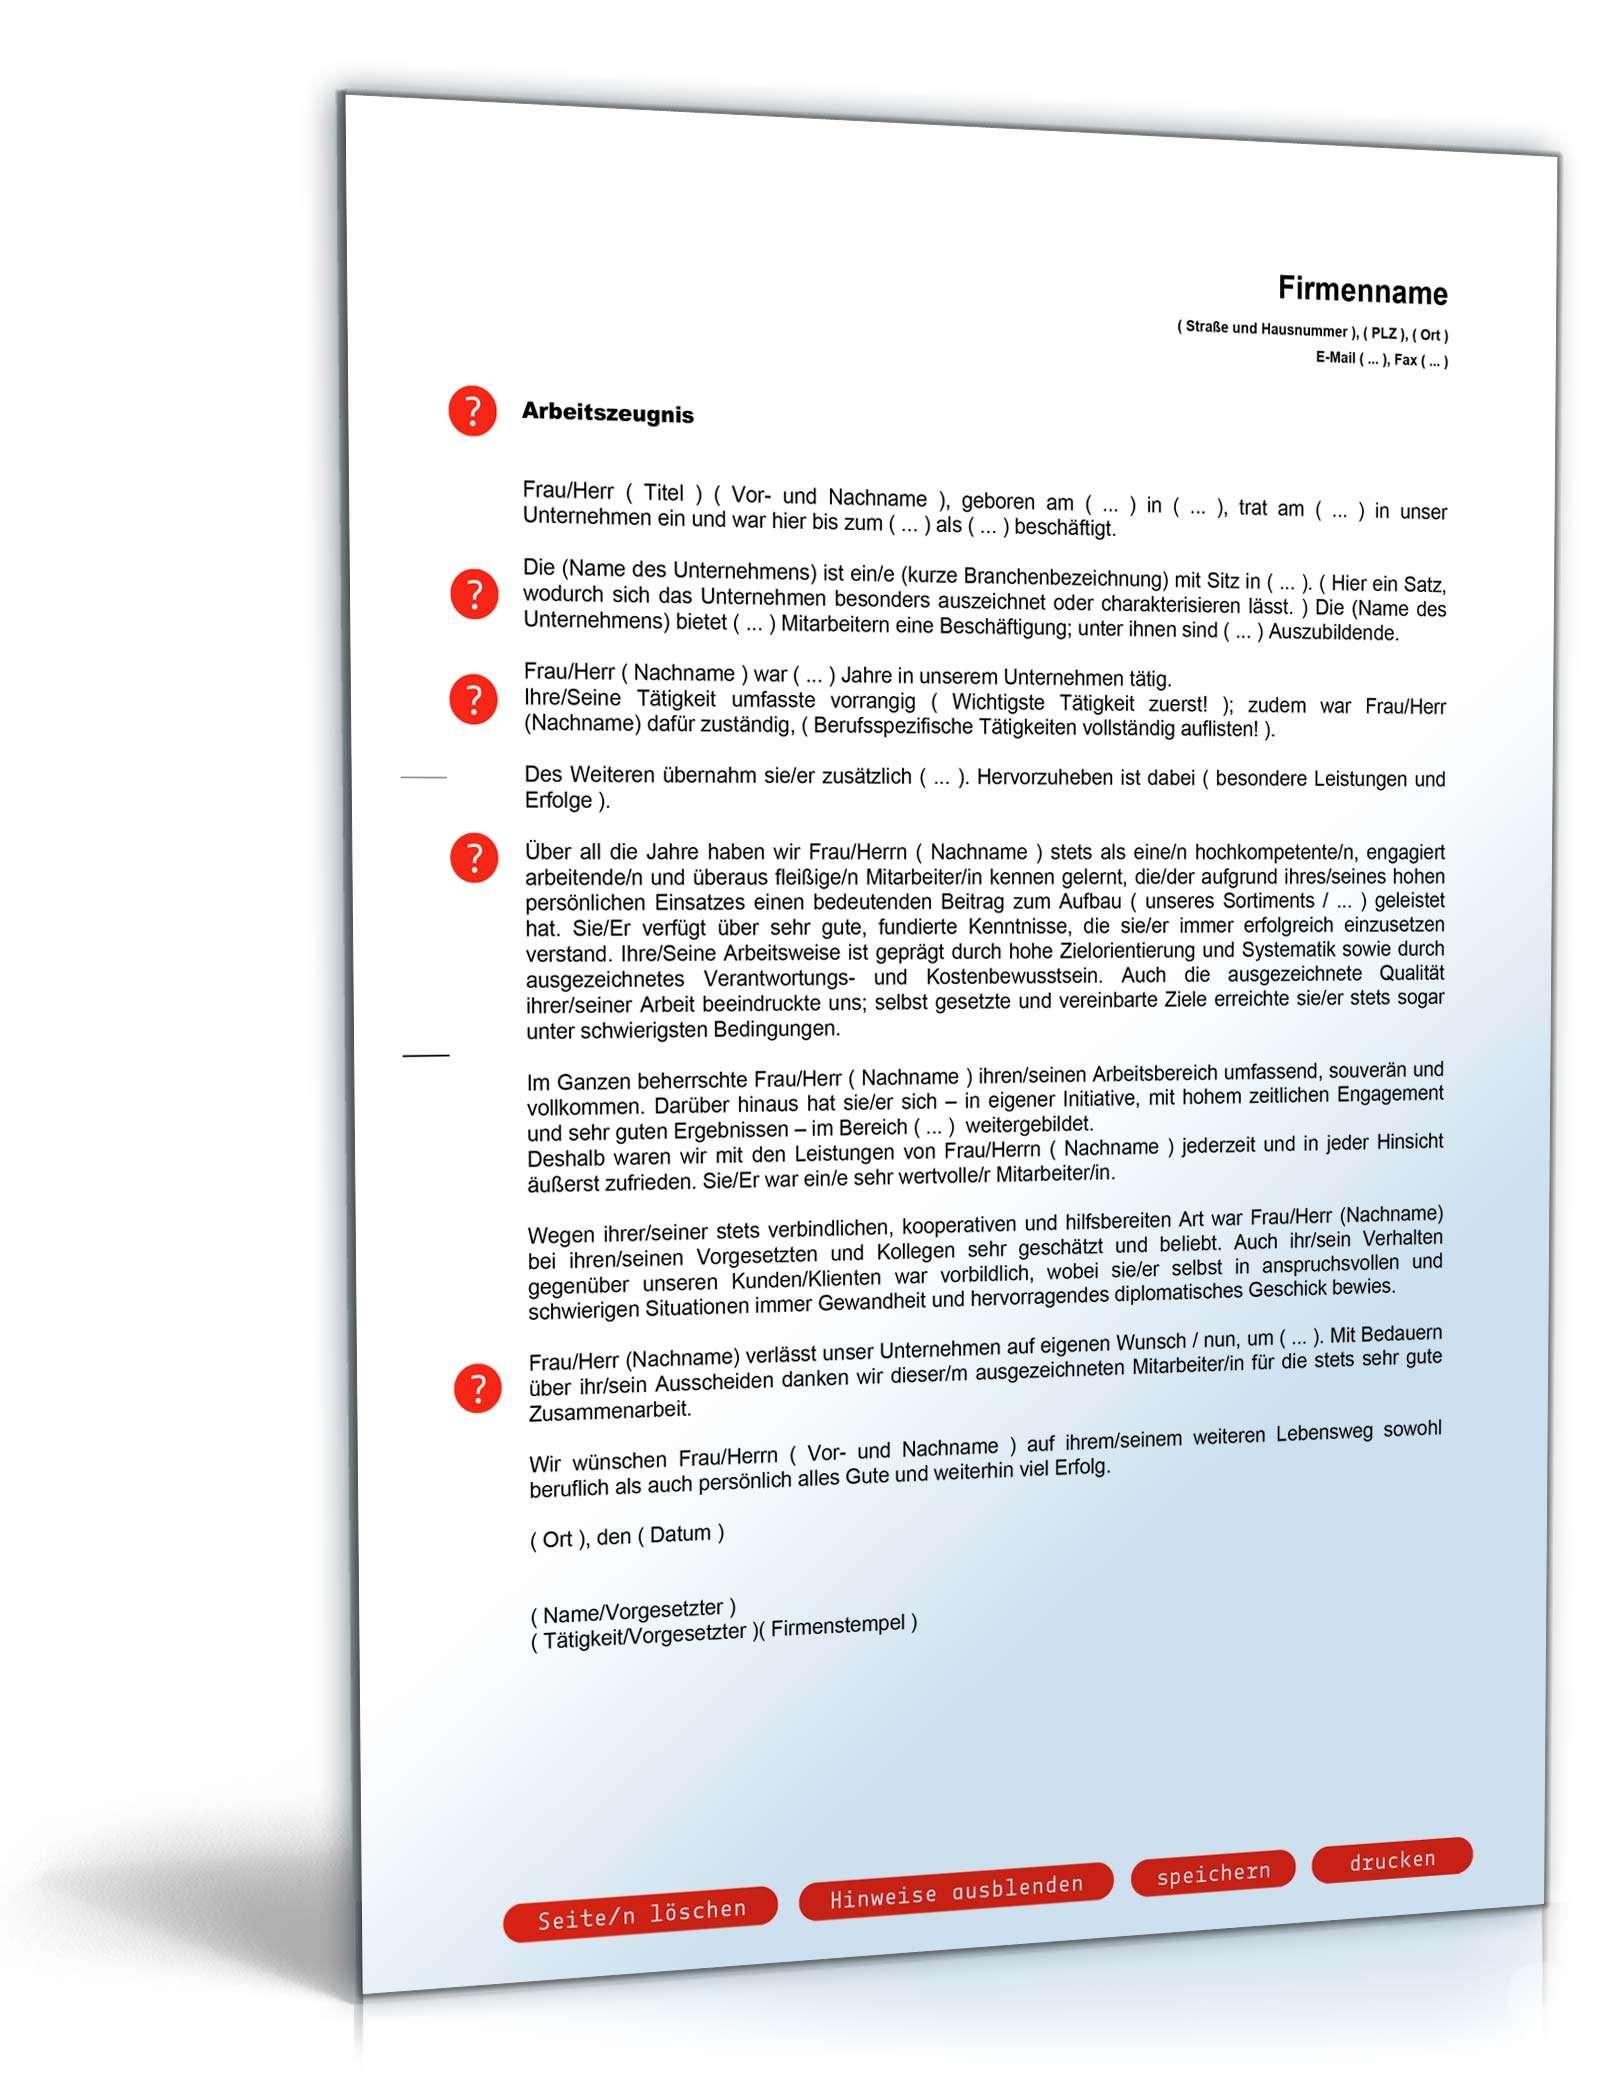 Arbeitszeugnis Sehr Gut Rechtssicheres Muster Zum Download